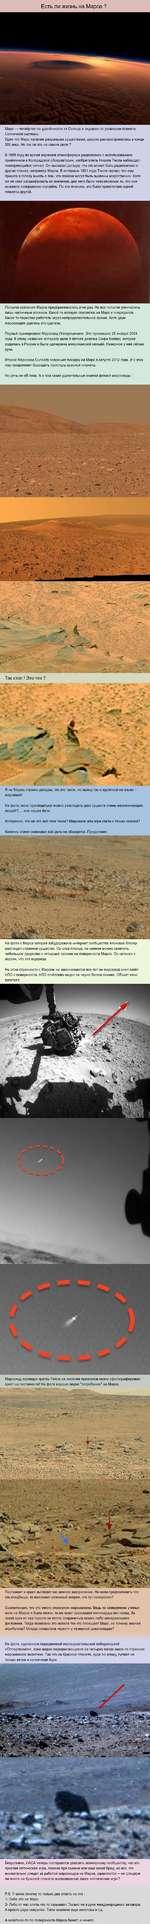 Есть ли жизнь на Марсе ? Марс — четвёртая по удалённости от Солнца и седьмая по размерам планета Солнечной системы. Идея что Марс населен разумными существами, широко распространилась в конце XIX века. Но так ли это на самом деле ? В 1899 году во время изучения атмосферных радиопомех с использов